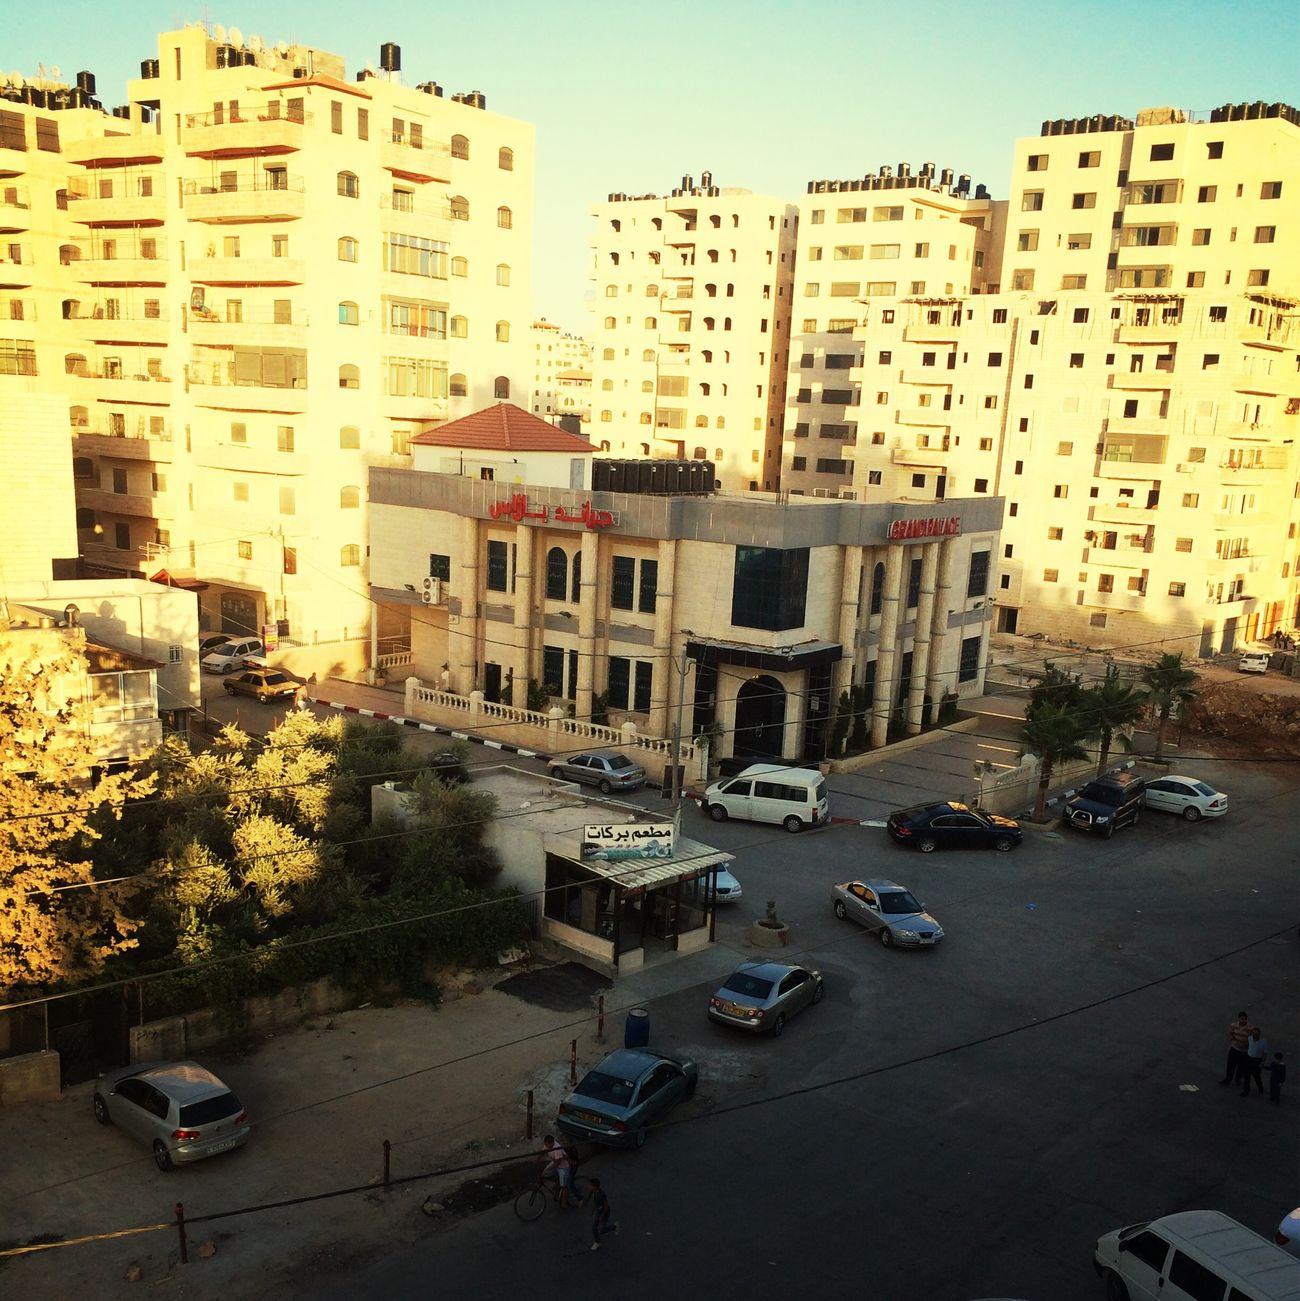 شارع المطار القديـم - قاعة جراند بالاس